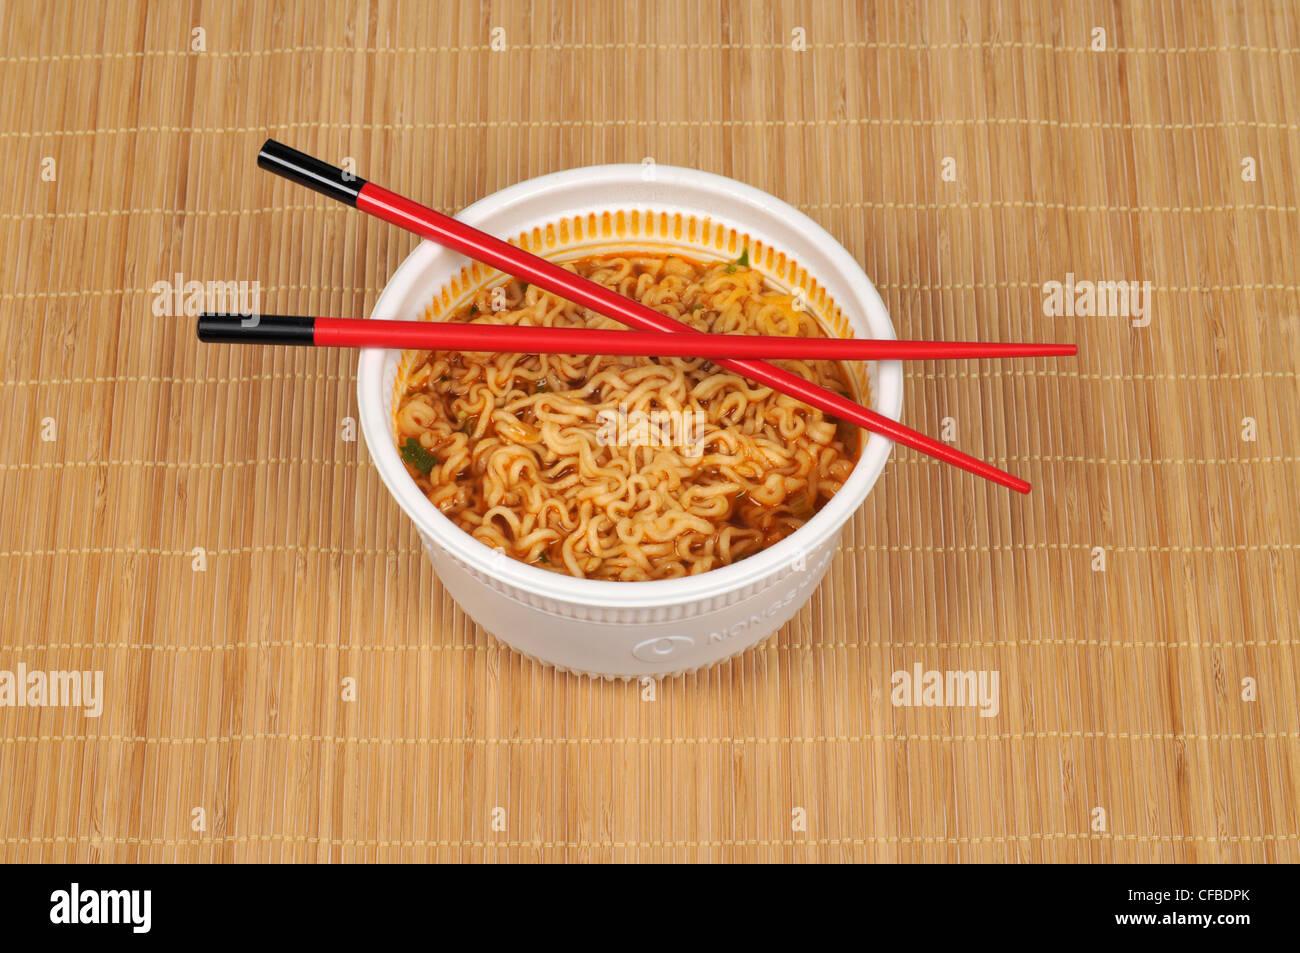 Ciotola di spaghetti orientali con bacchette sul tappetino di bambù Immagini Stock